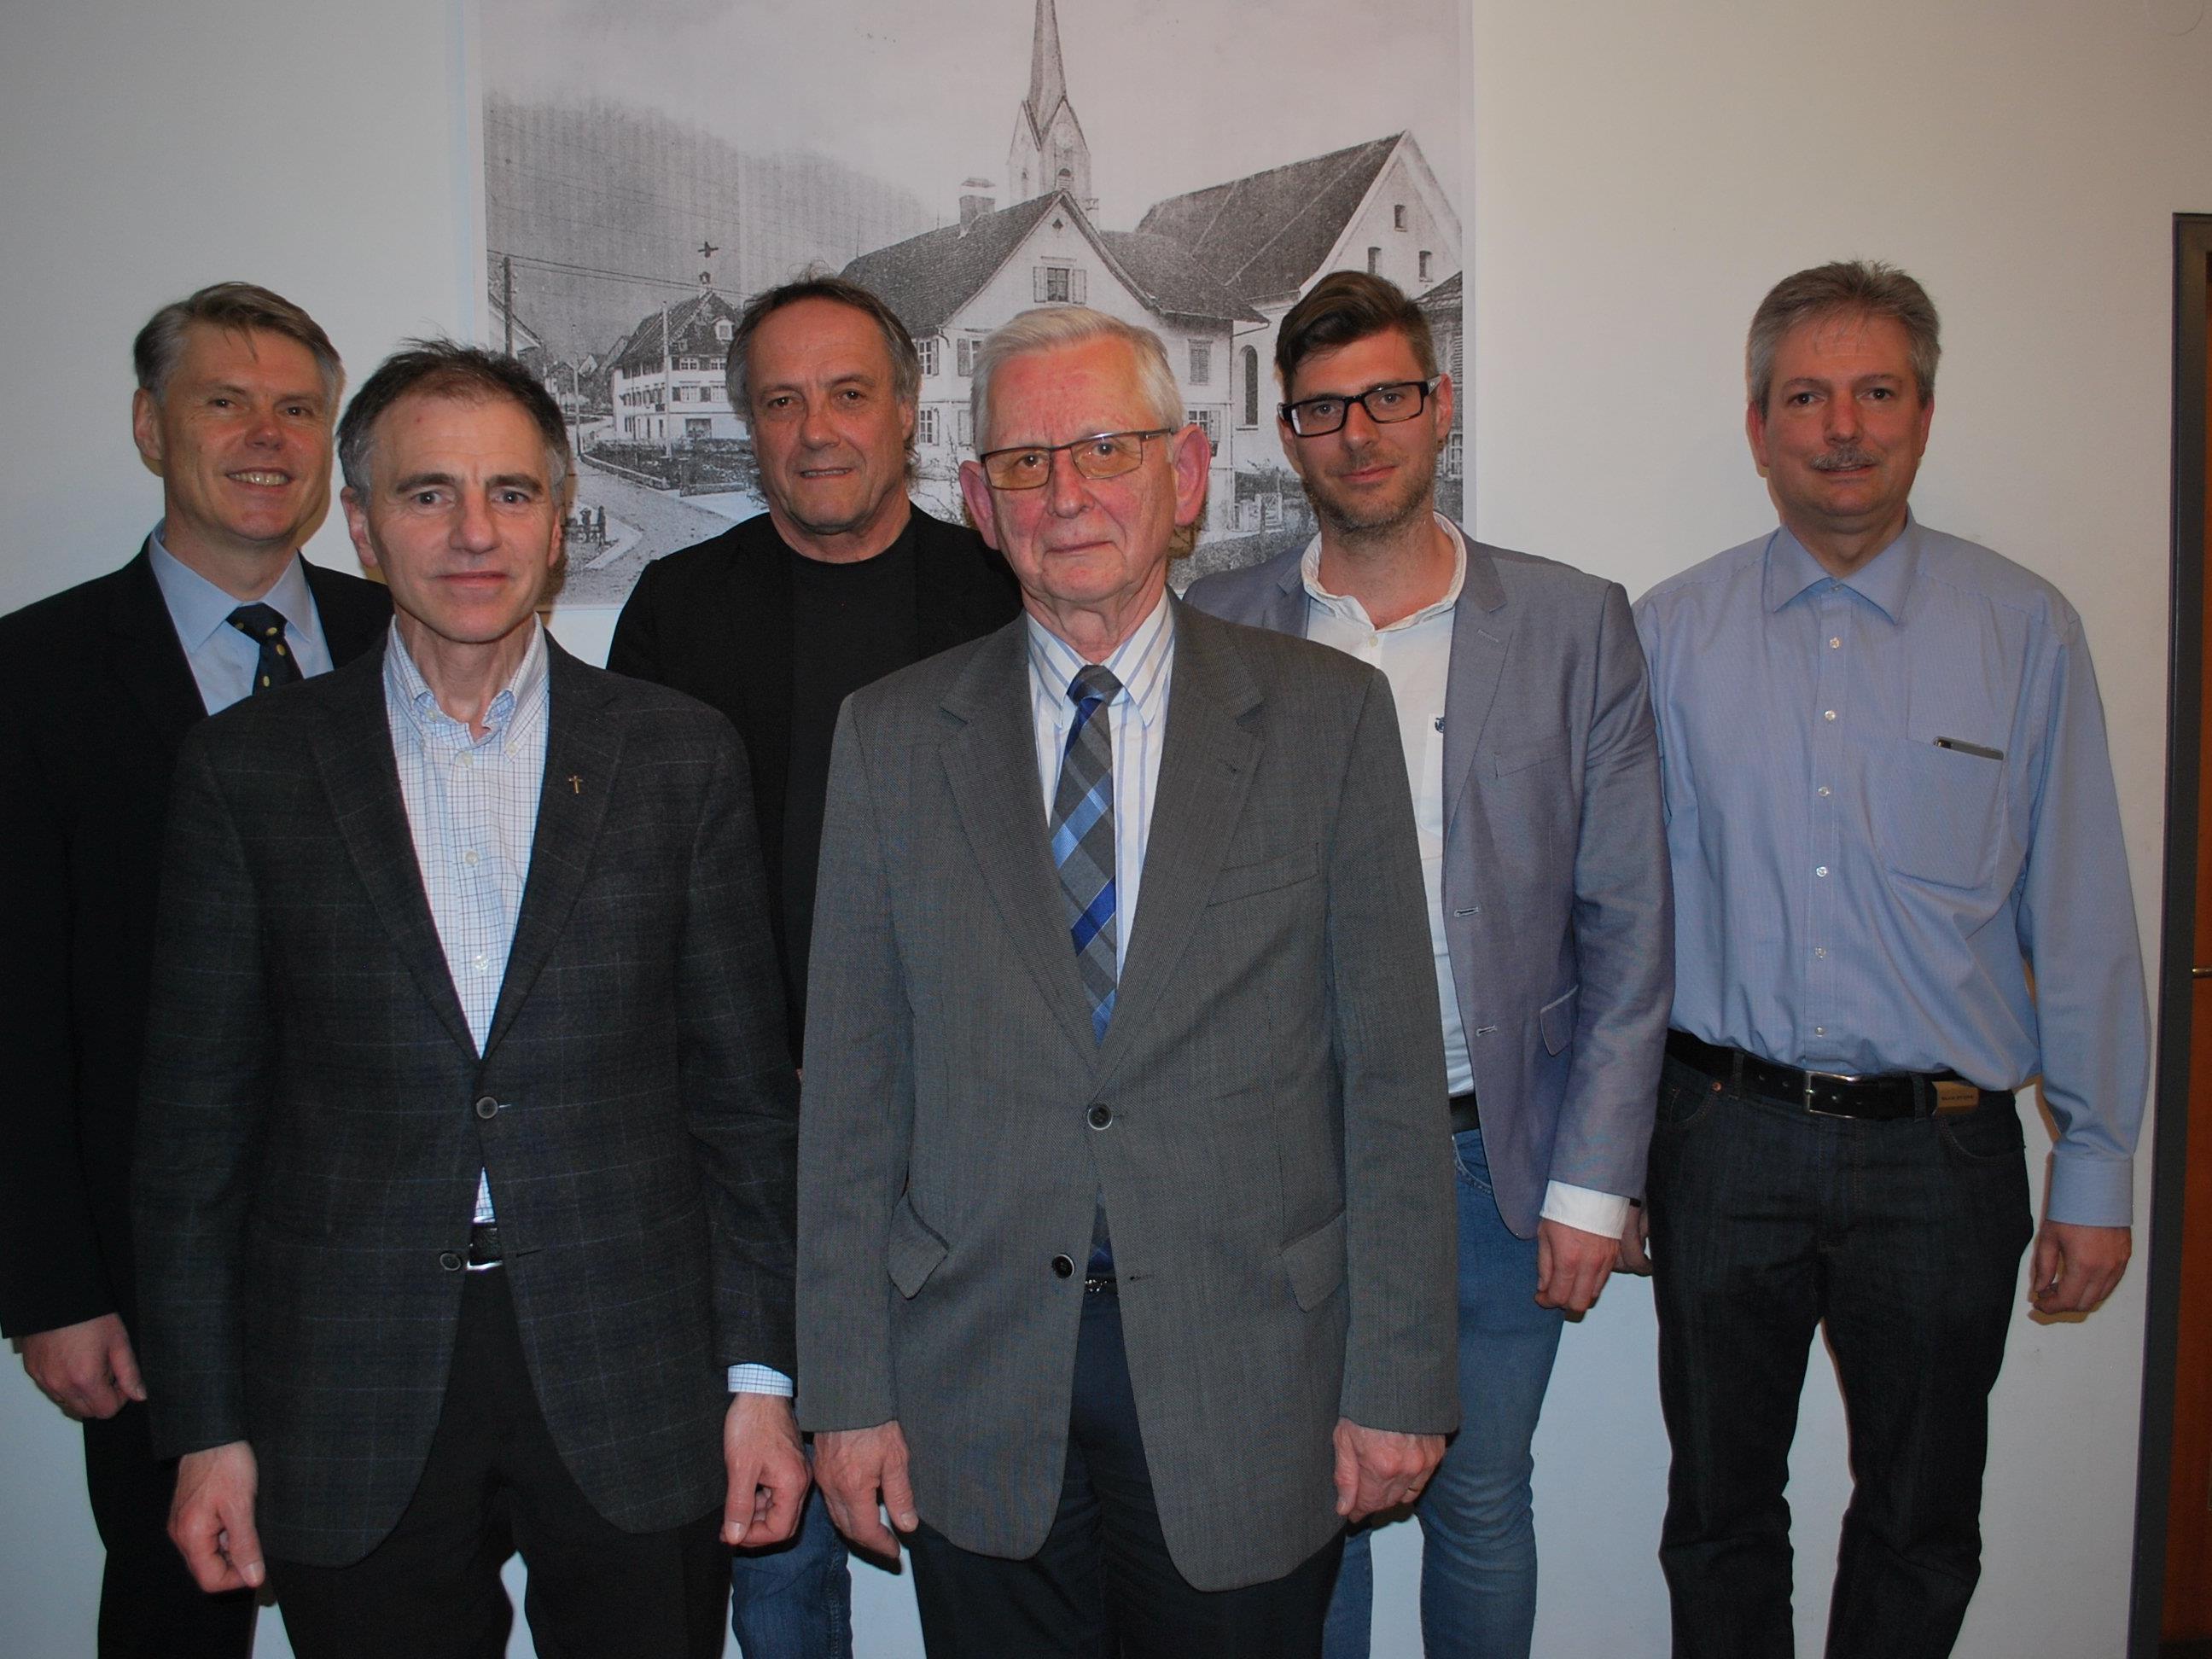 Werner Matt, Gerold Reichart, Peter Alge, Klaus Fohgrub, Michael Fliri, Gerald Bischof